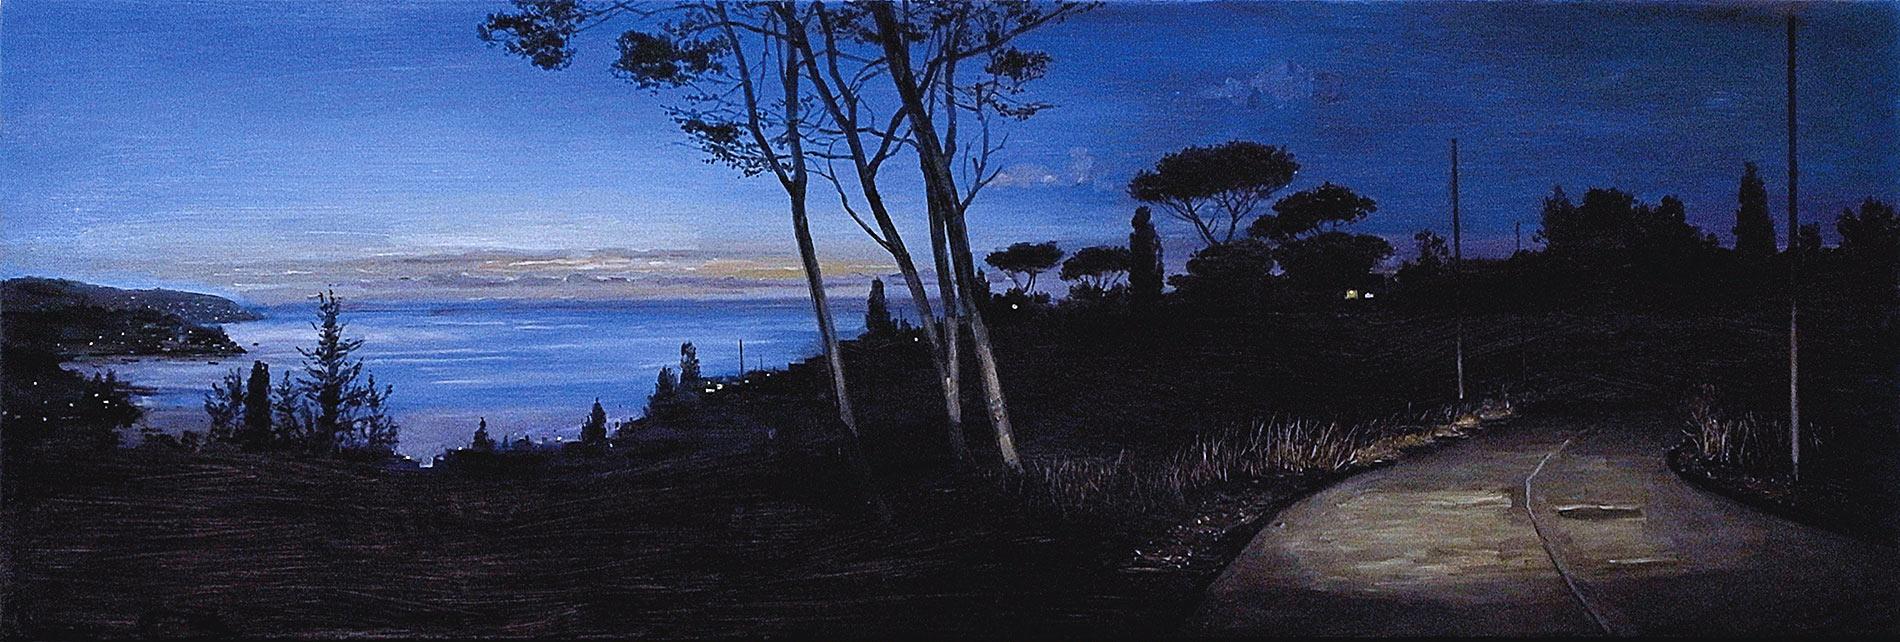 Argentario. Huile sur toile, 50 x 150 cm, 2014